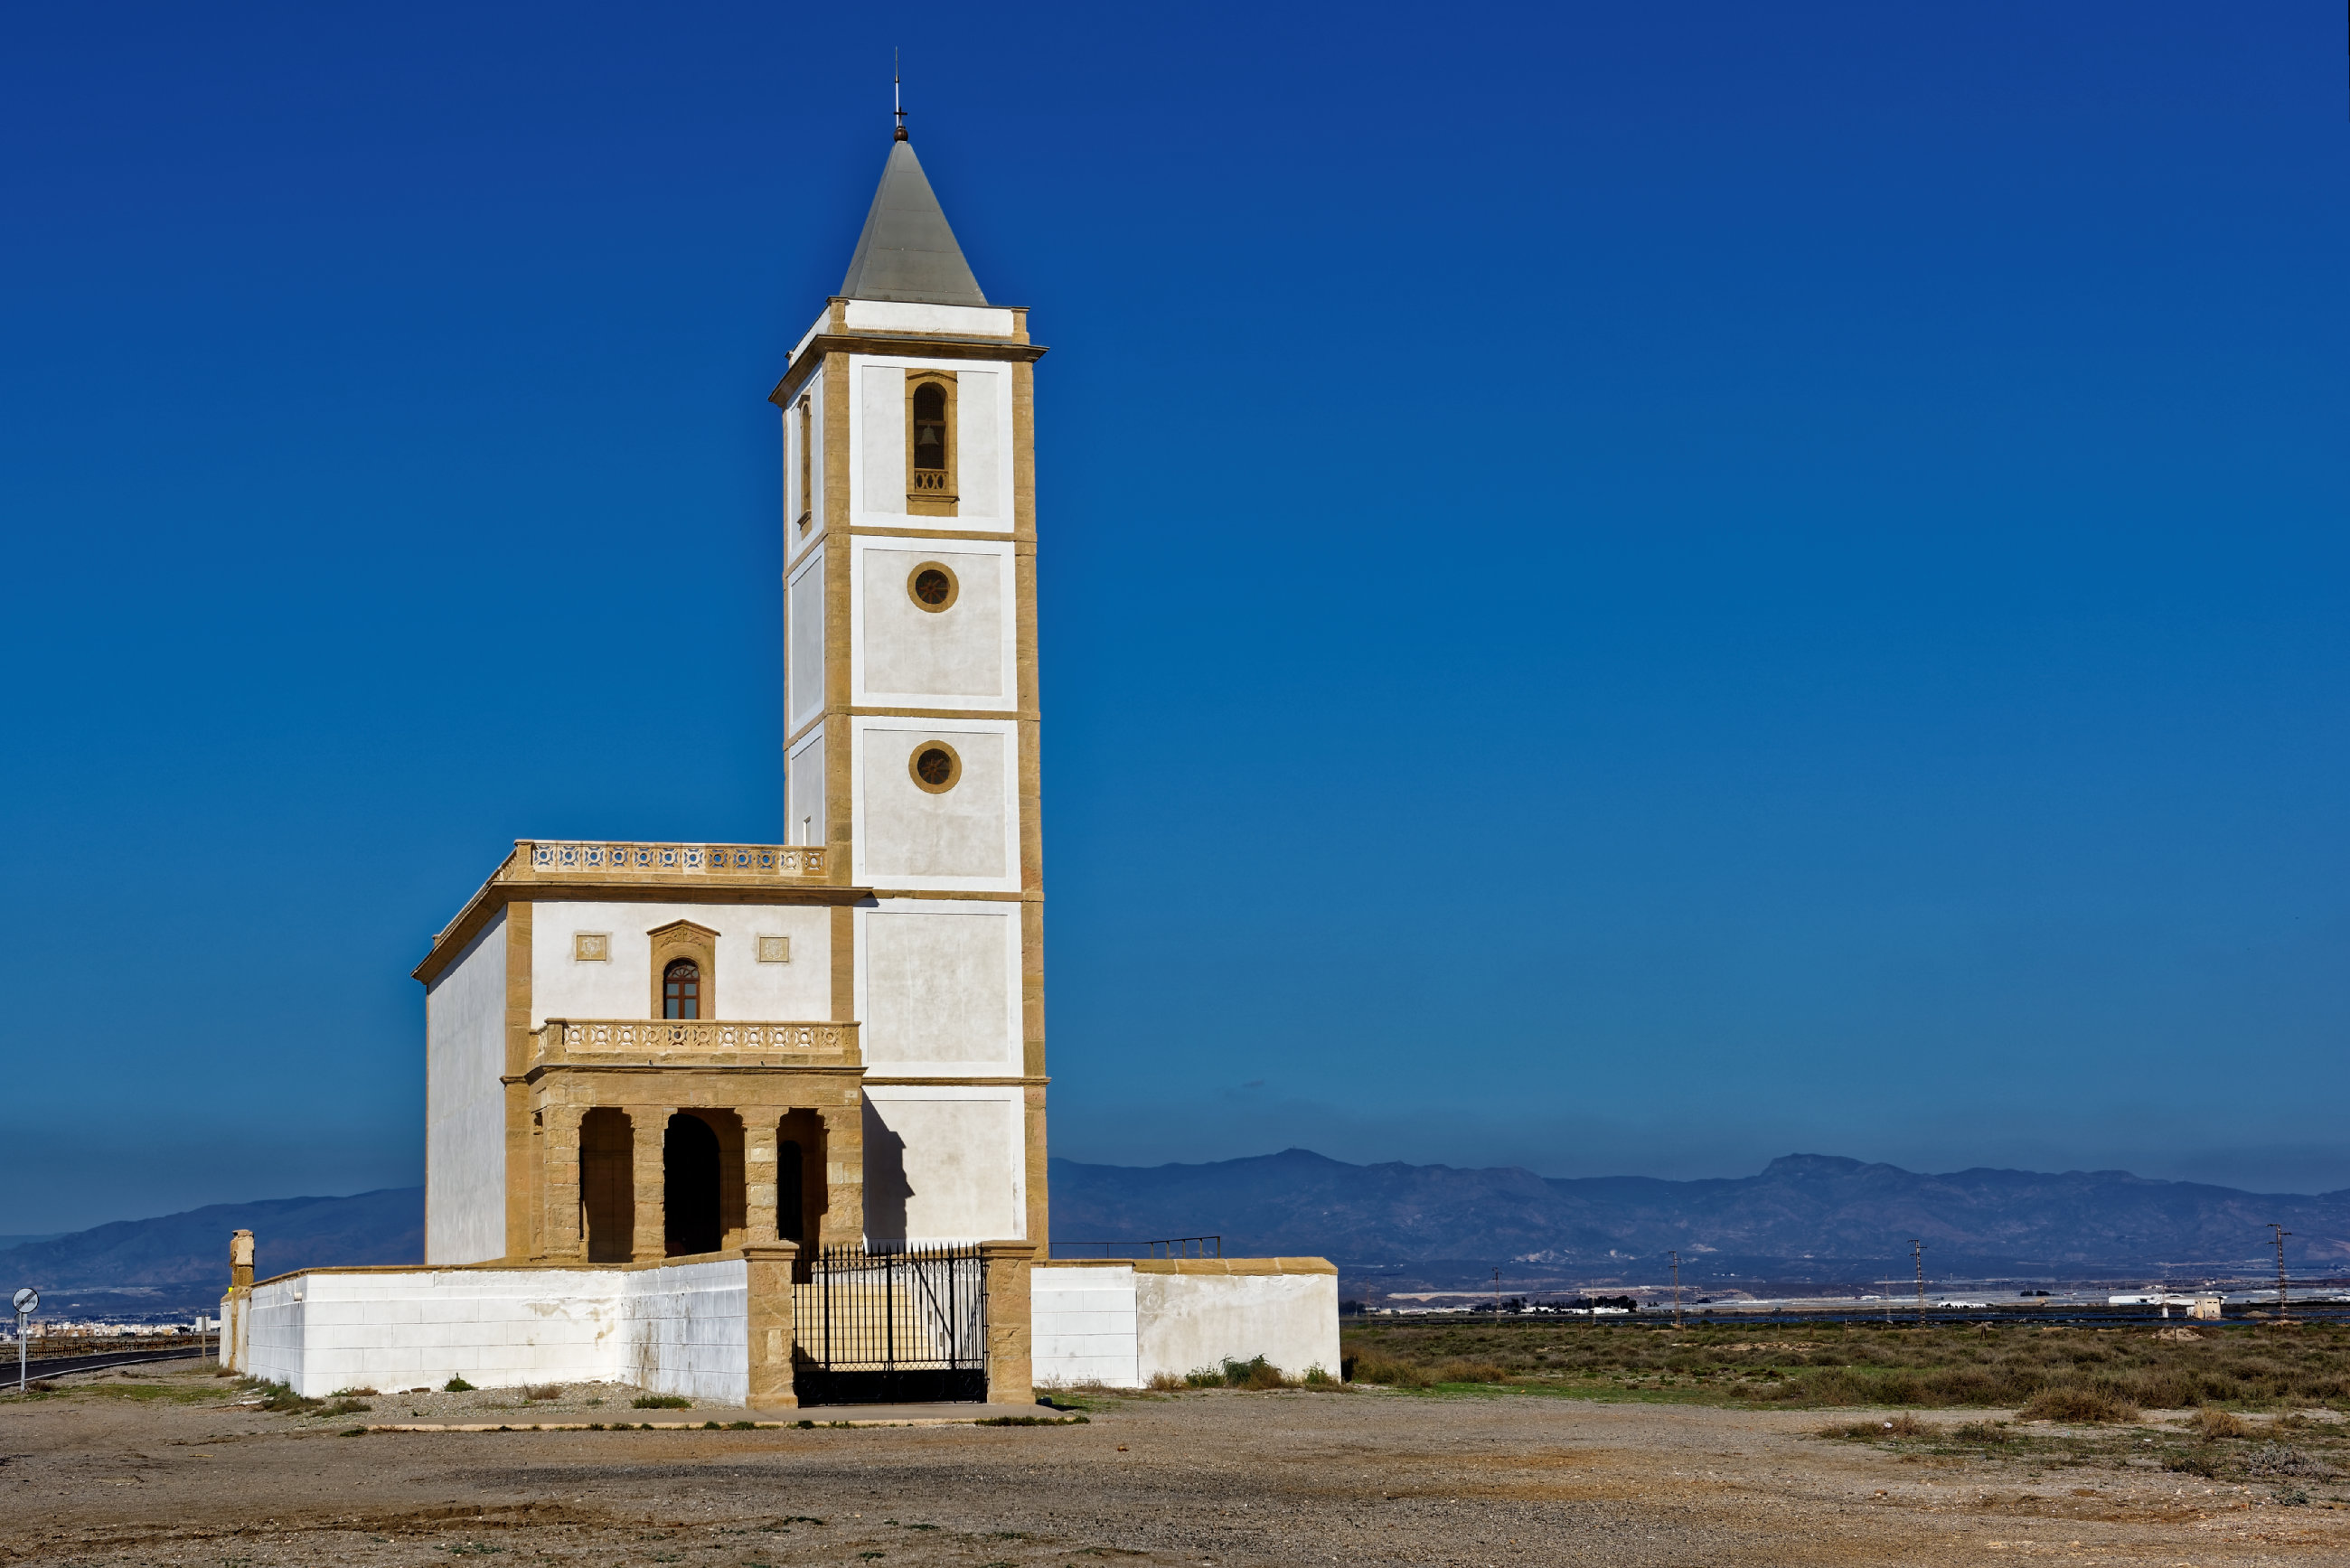 151109-Cabo de Gata-La Almadraba de Monteleva (63)